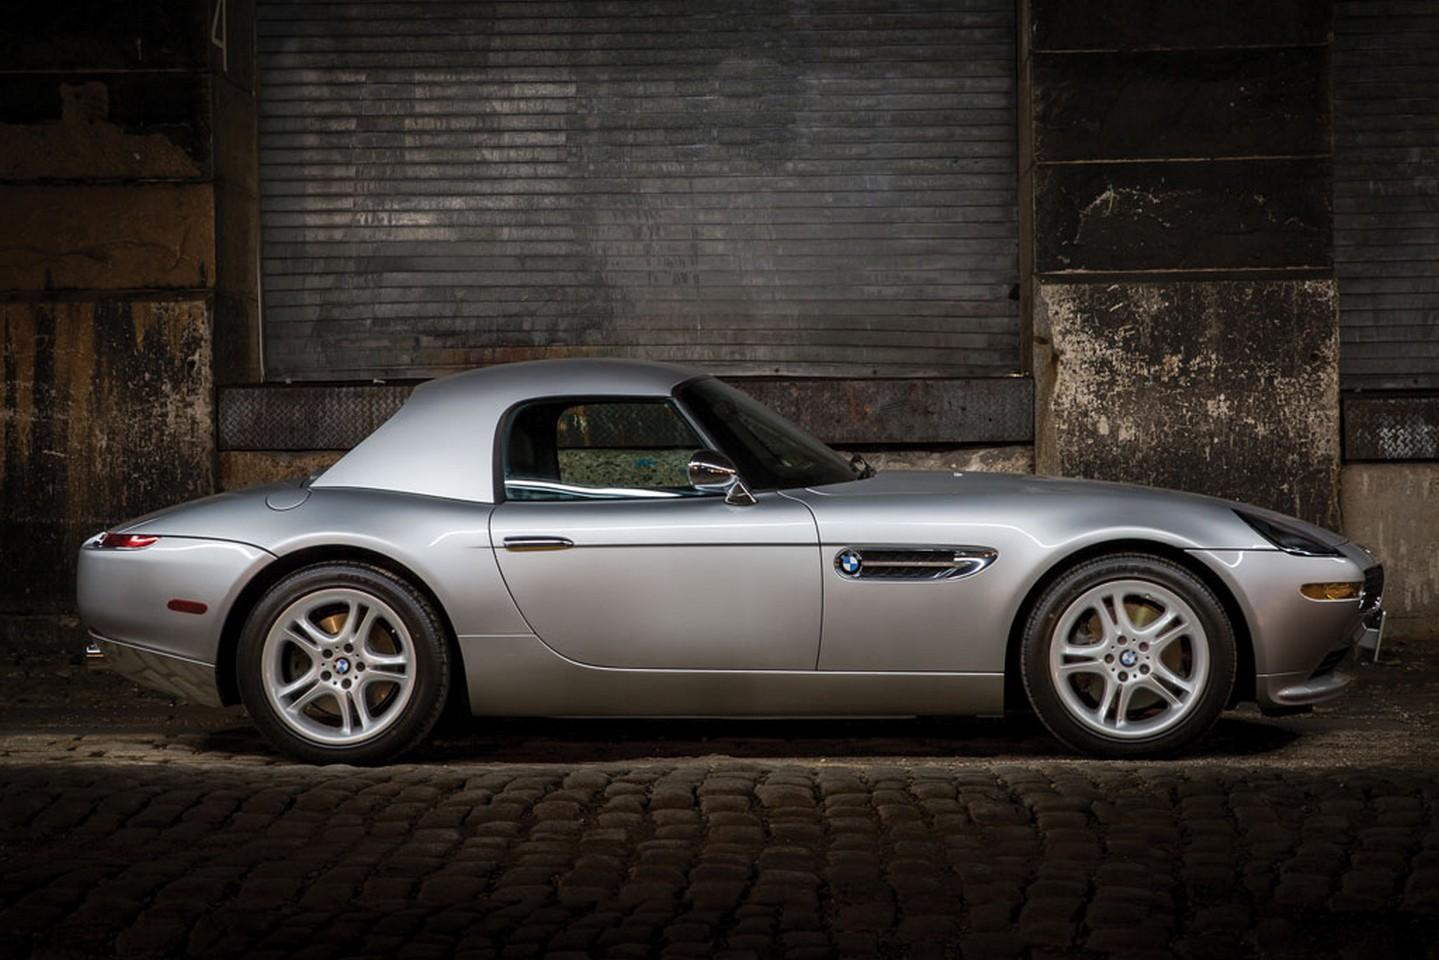 ί Bmw Z8 James Bond Autoblog Gr